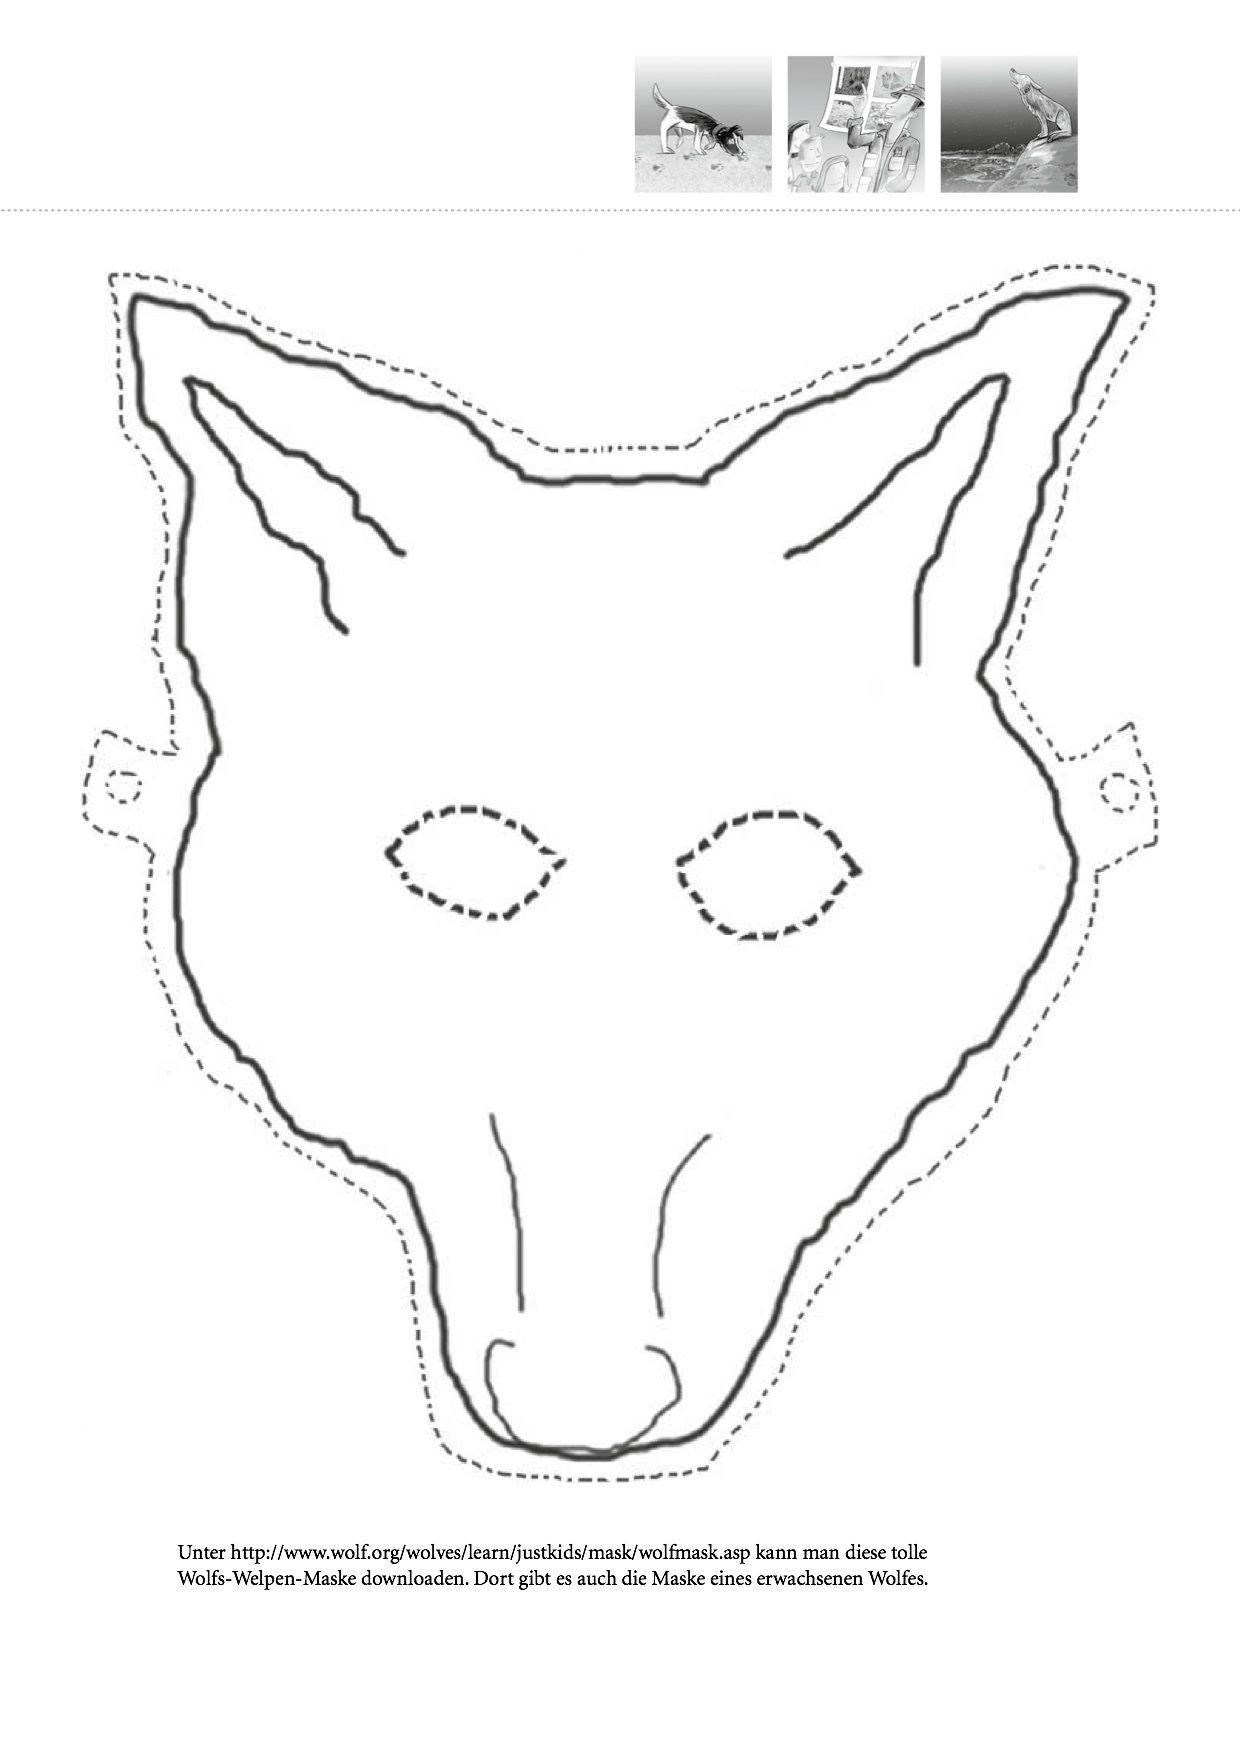 Wolfsmaske aus dem NABU Leitfaden für Kindergärten zum ...